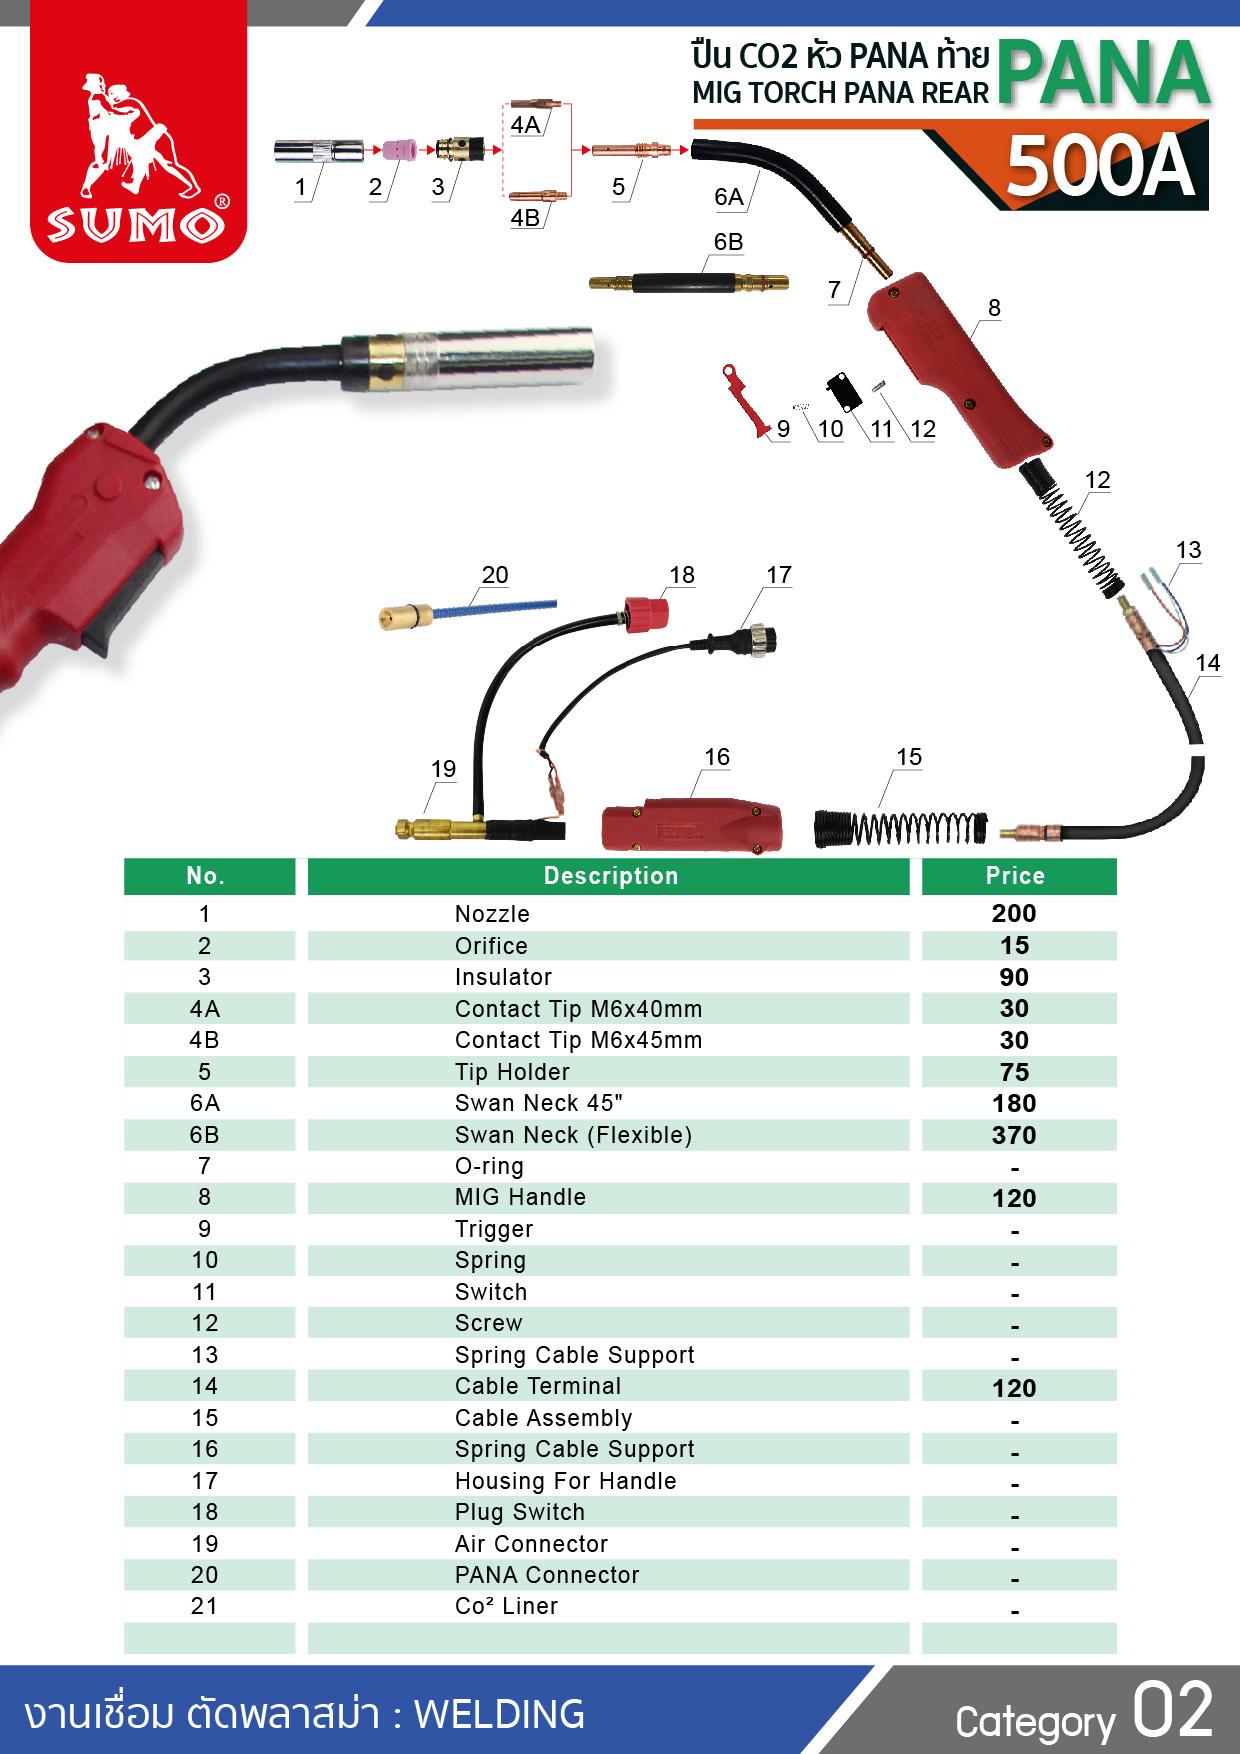 (21/34) ปืน CO2 PANA 500A PANA Tail